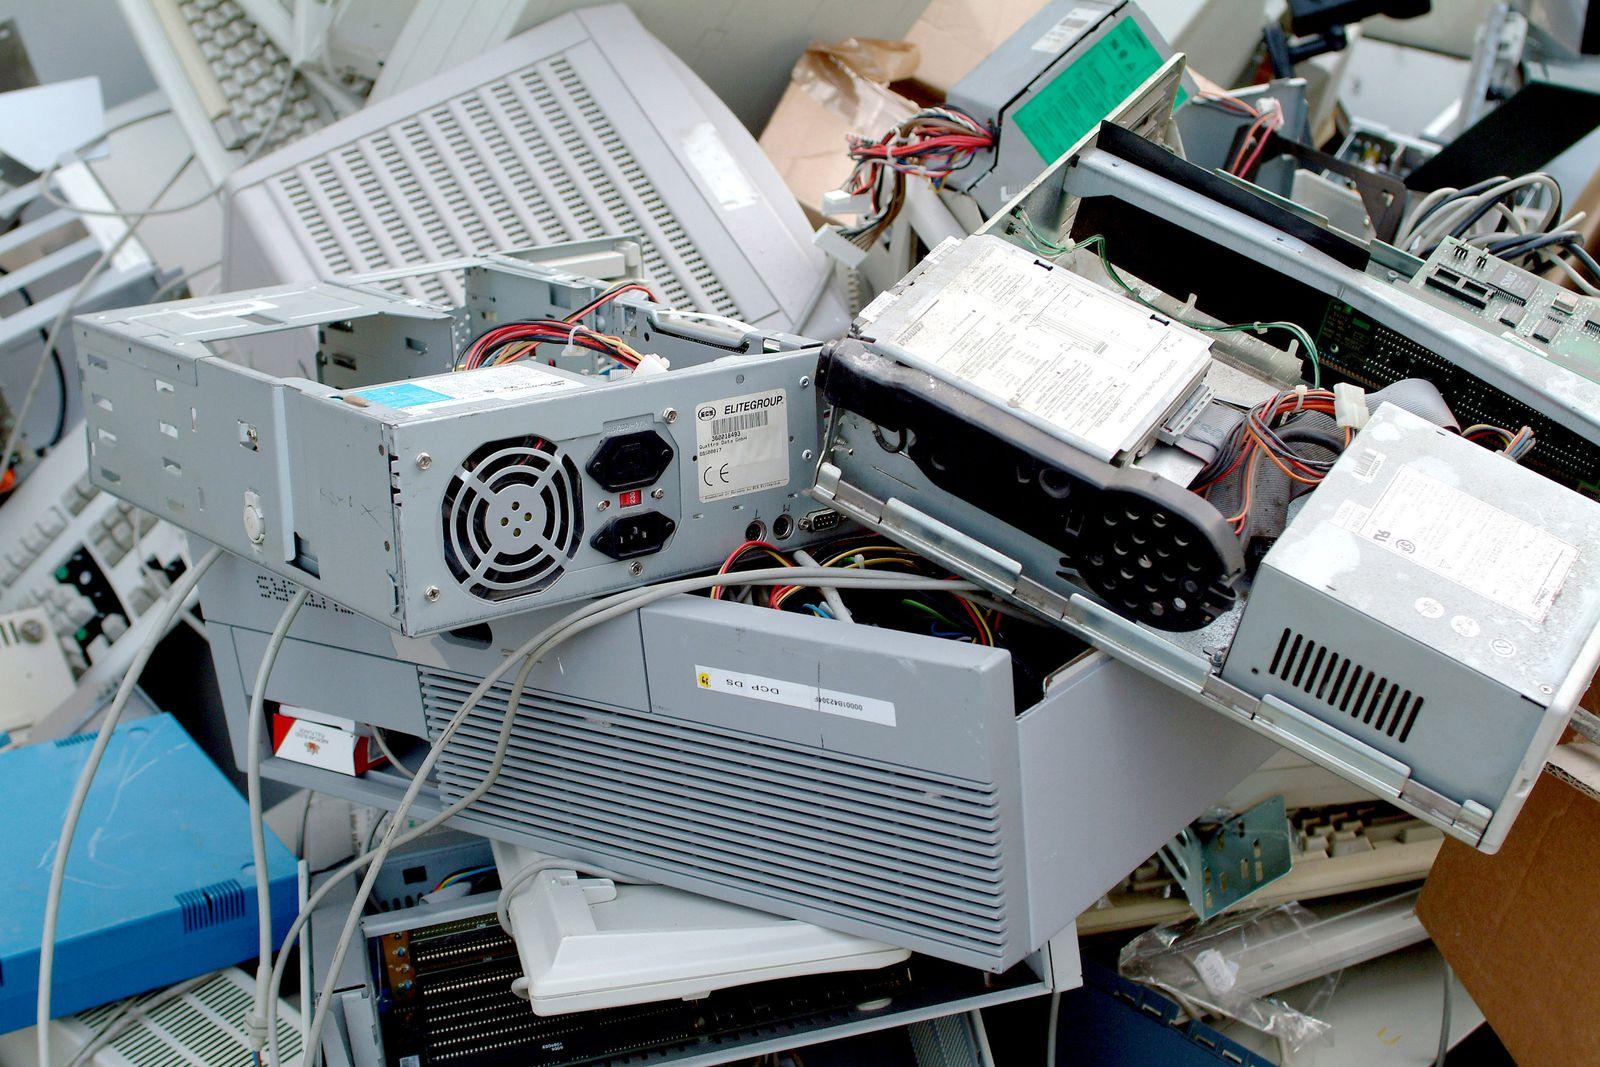 Technik und Umwelt: Gibt es überhaupt nachhaltige Elektronik?